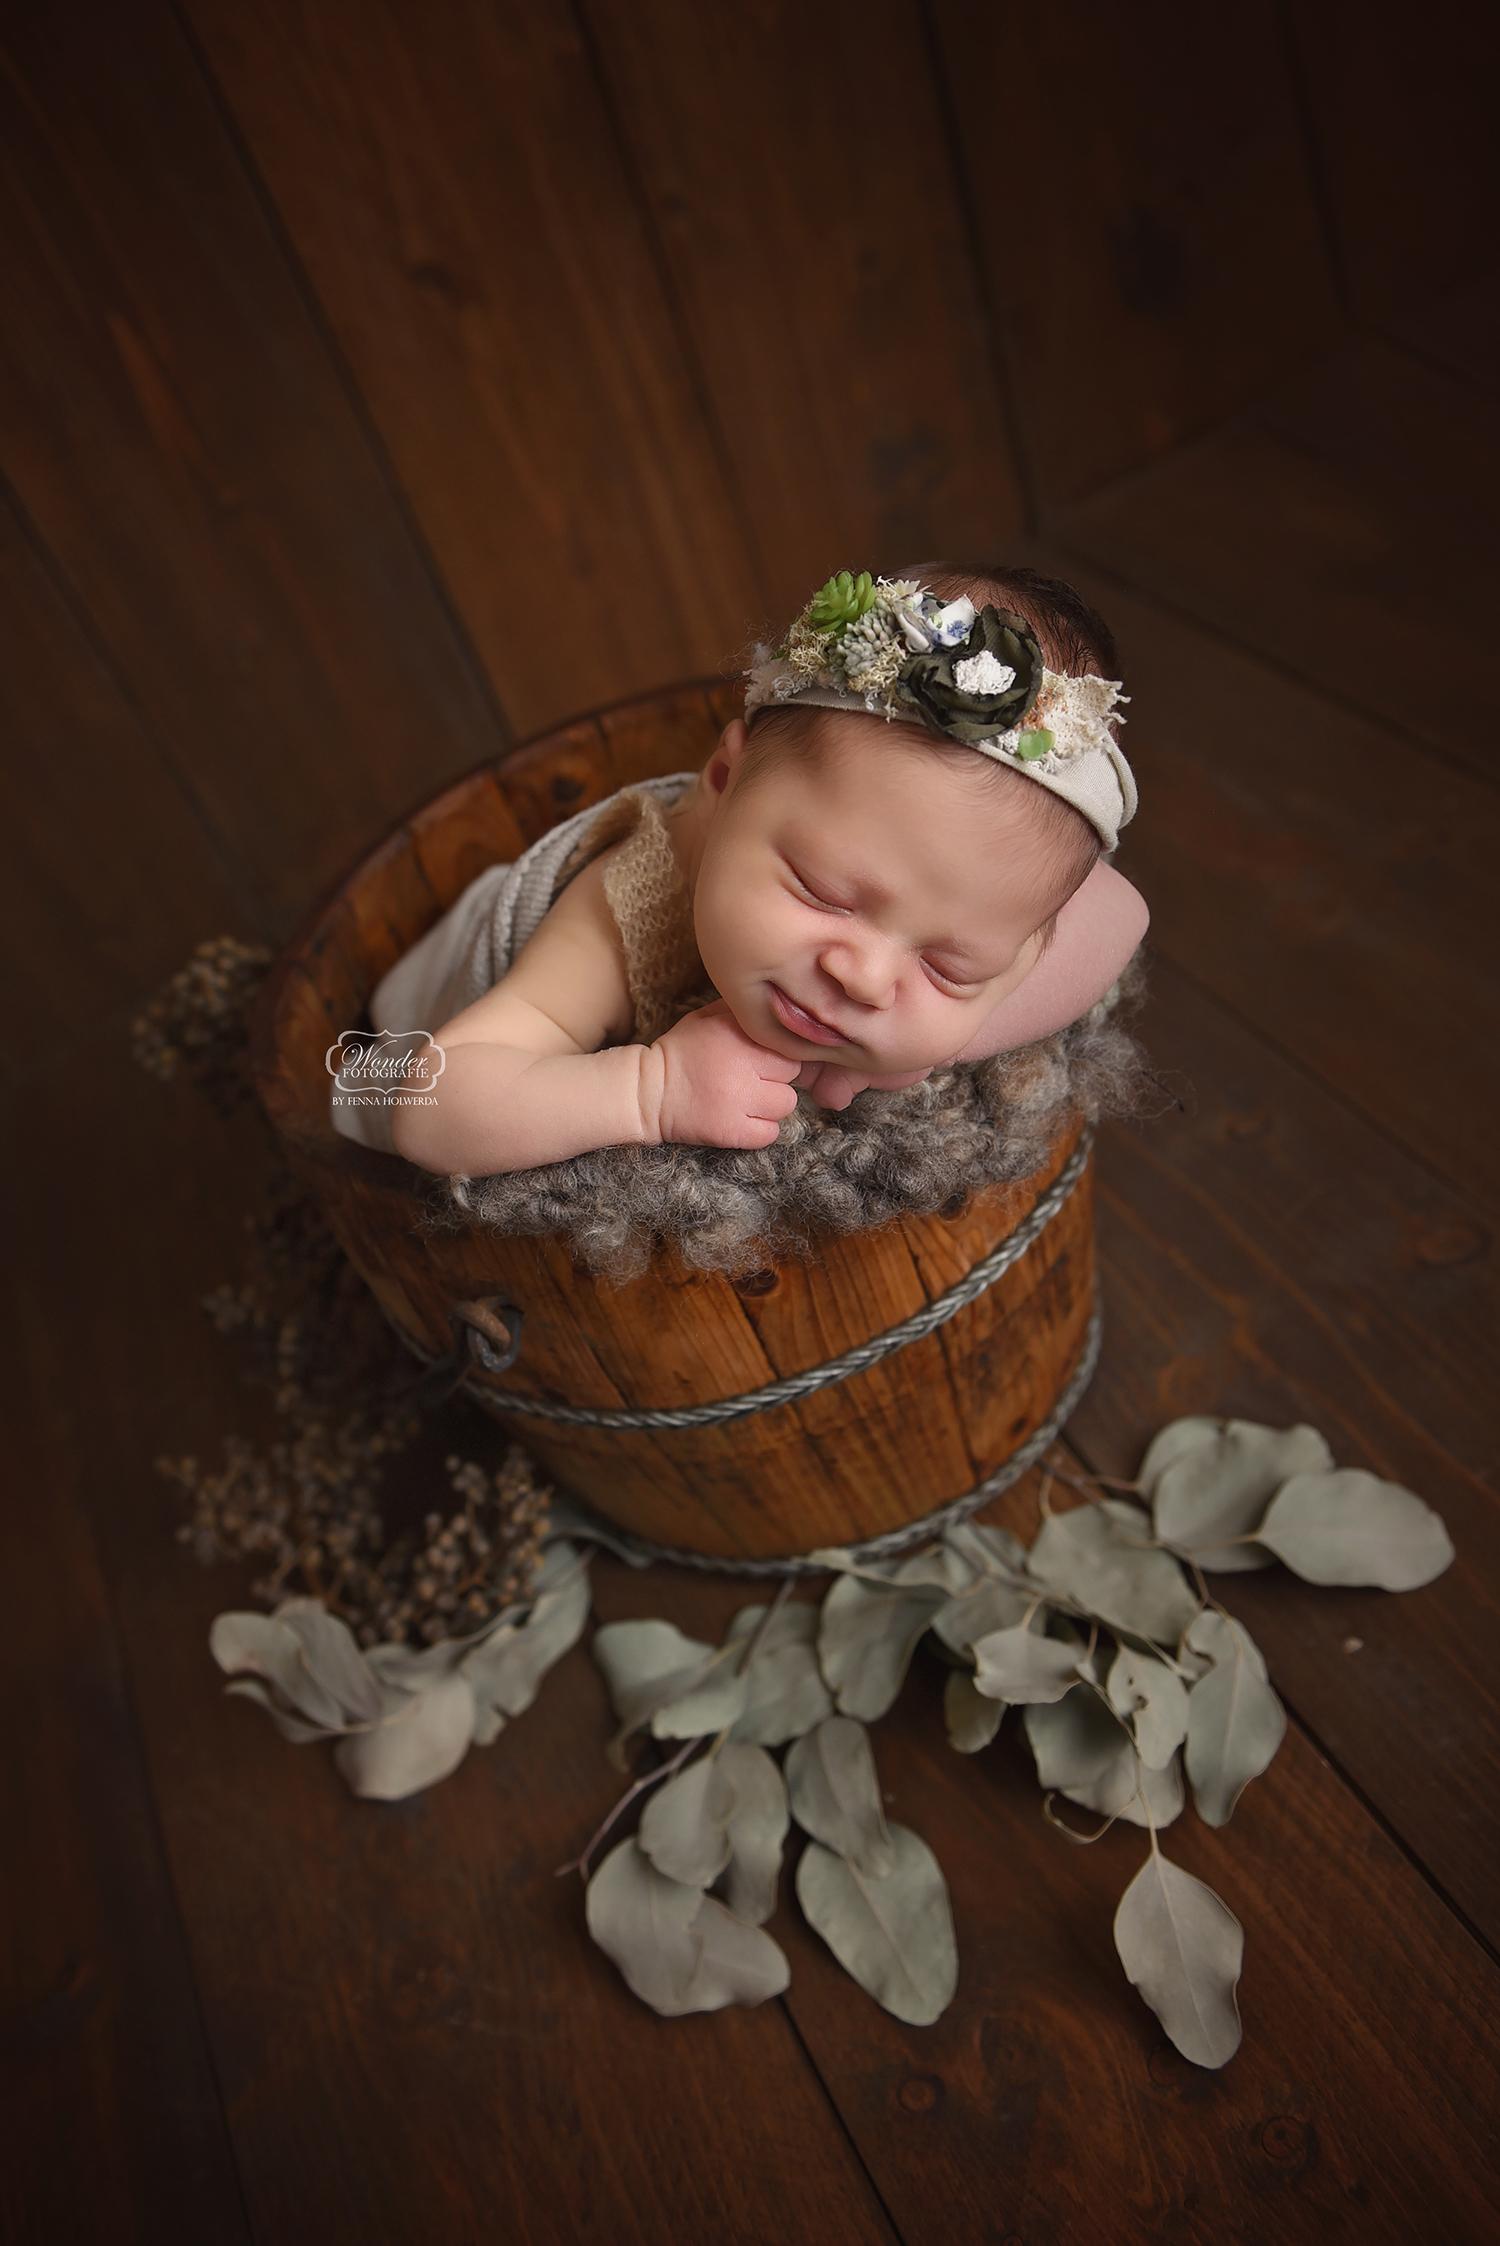 newborn baby fotoshoot fotografie overijssel friesland flevoland drenthe